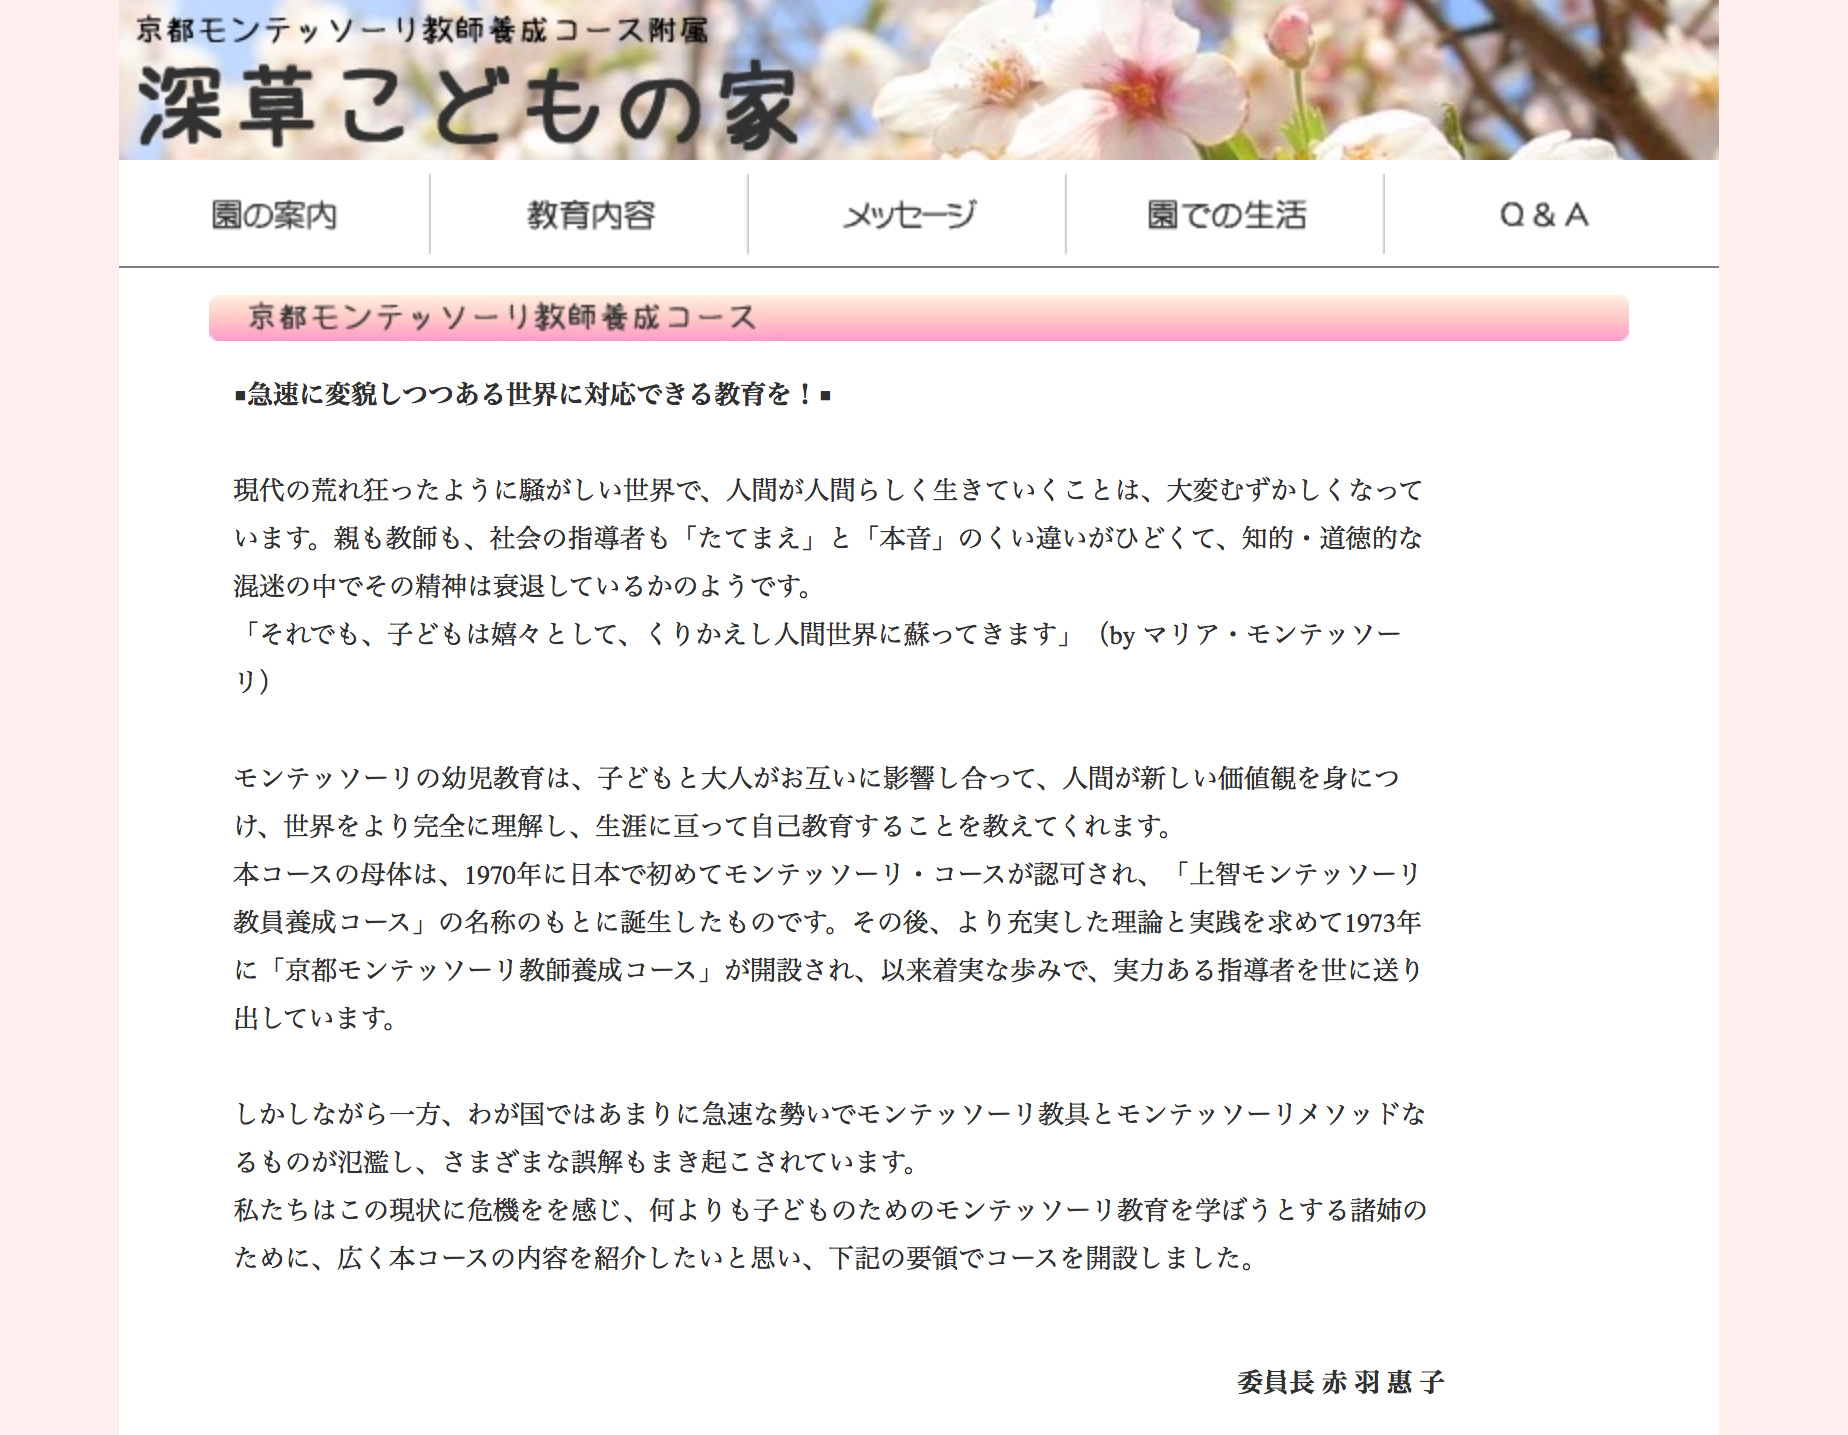 京都モンテッソーリ教師養成コースのホームページ